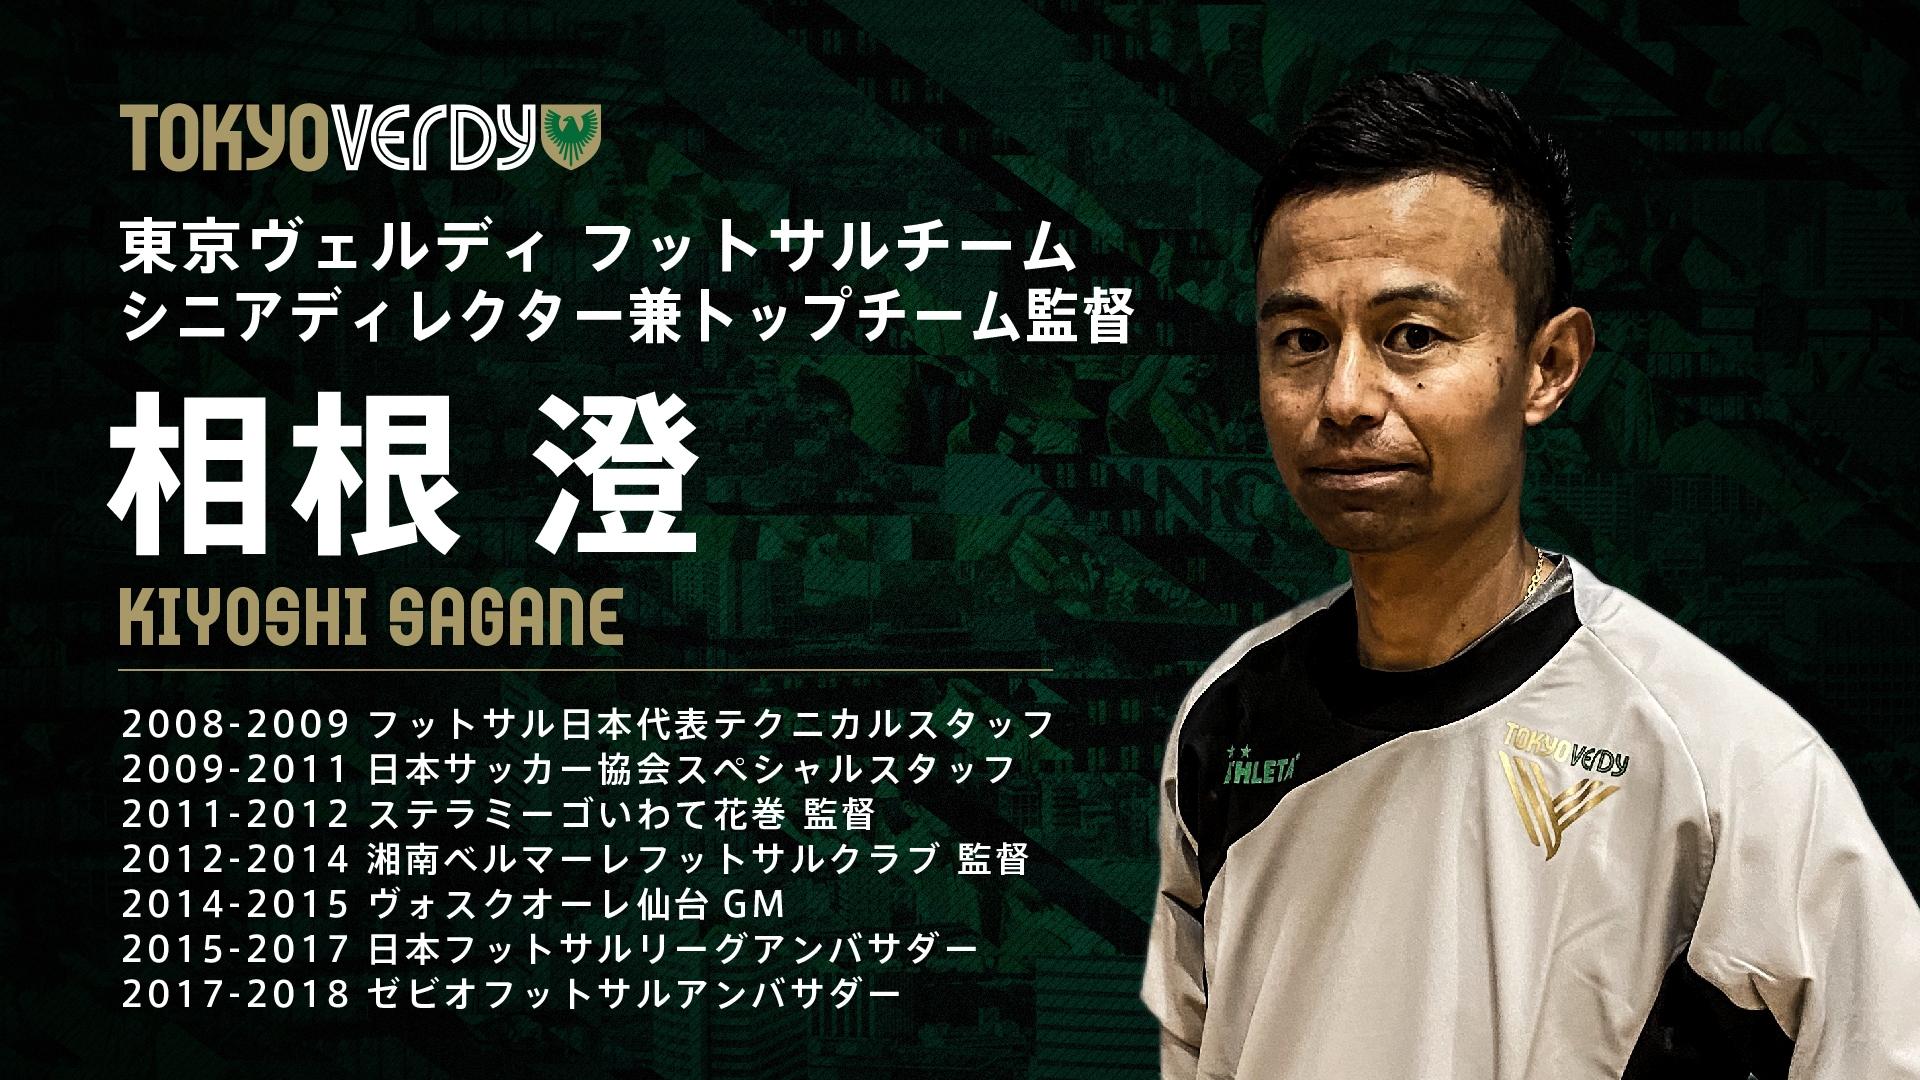 フットサルチームシニアディレクター フットサル元日本代表・相根澄